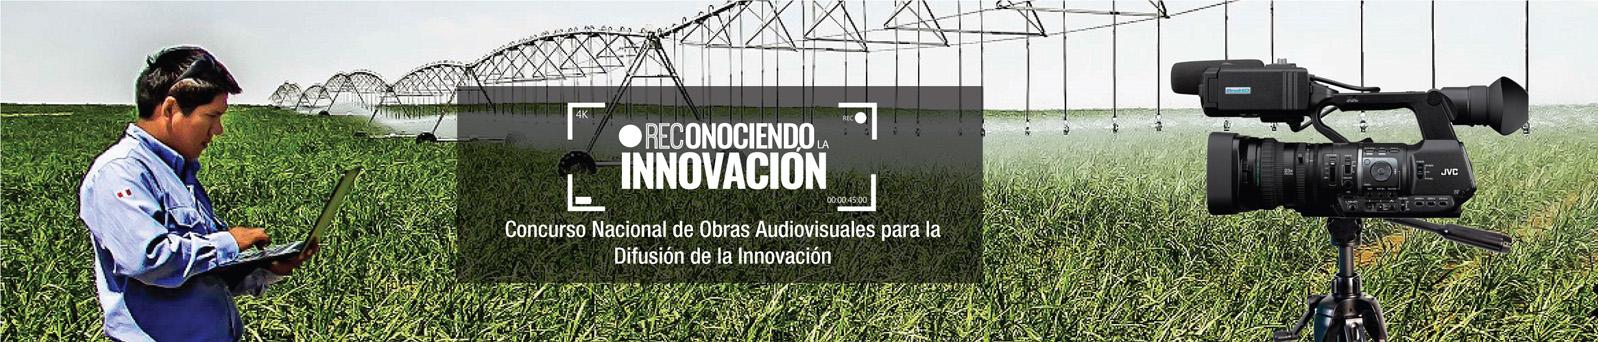 Concurso Nacional de Obras Audiovisuales para la Difusión de la Innovación - REConociendo la Innovación